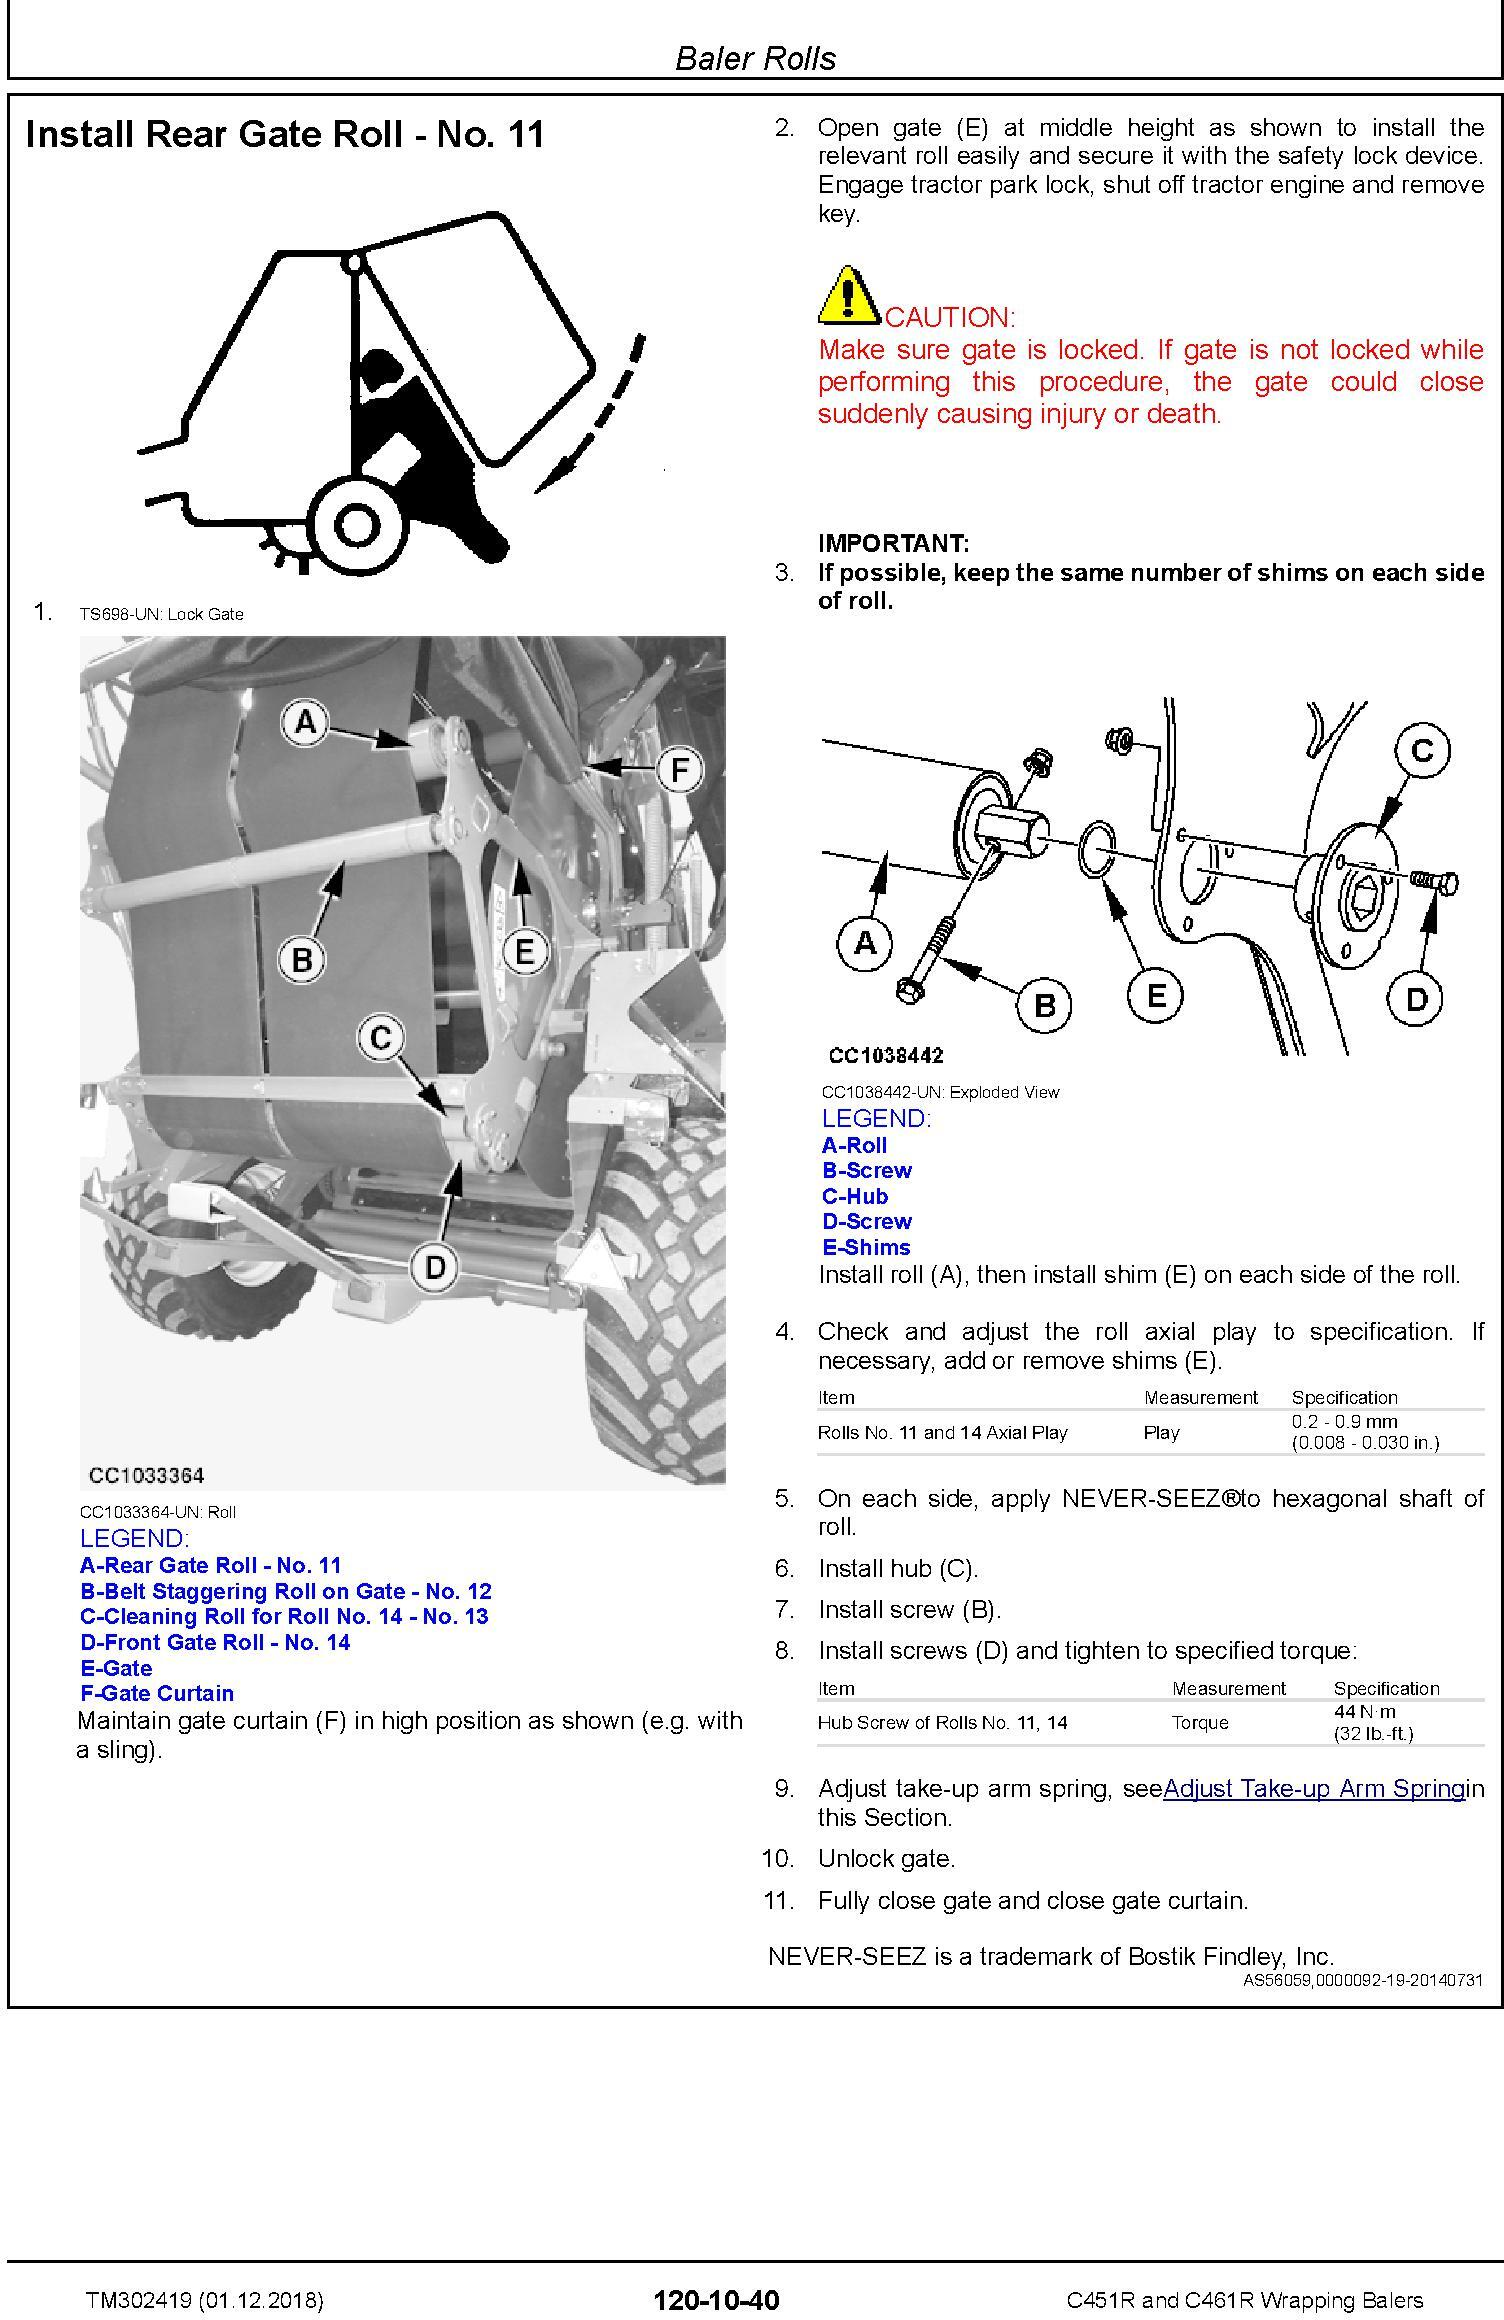 John Deere C451R and C461R Wrapping Balers Service Repair Technical Manual (TM302419) - 3